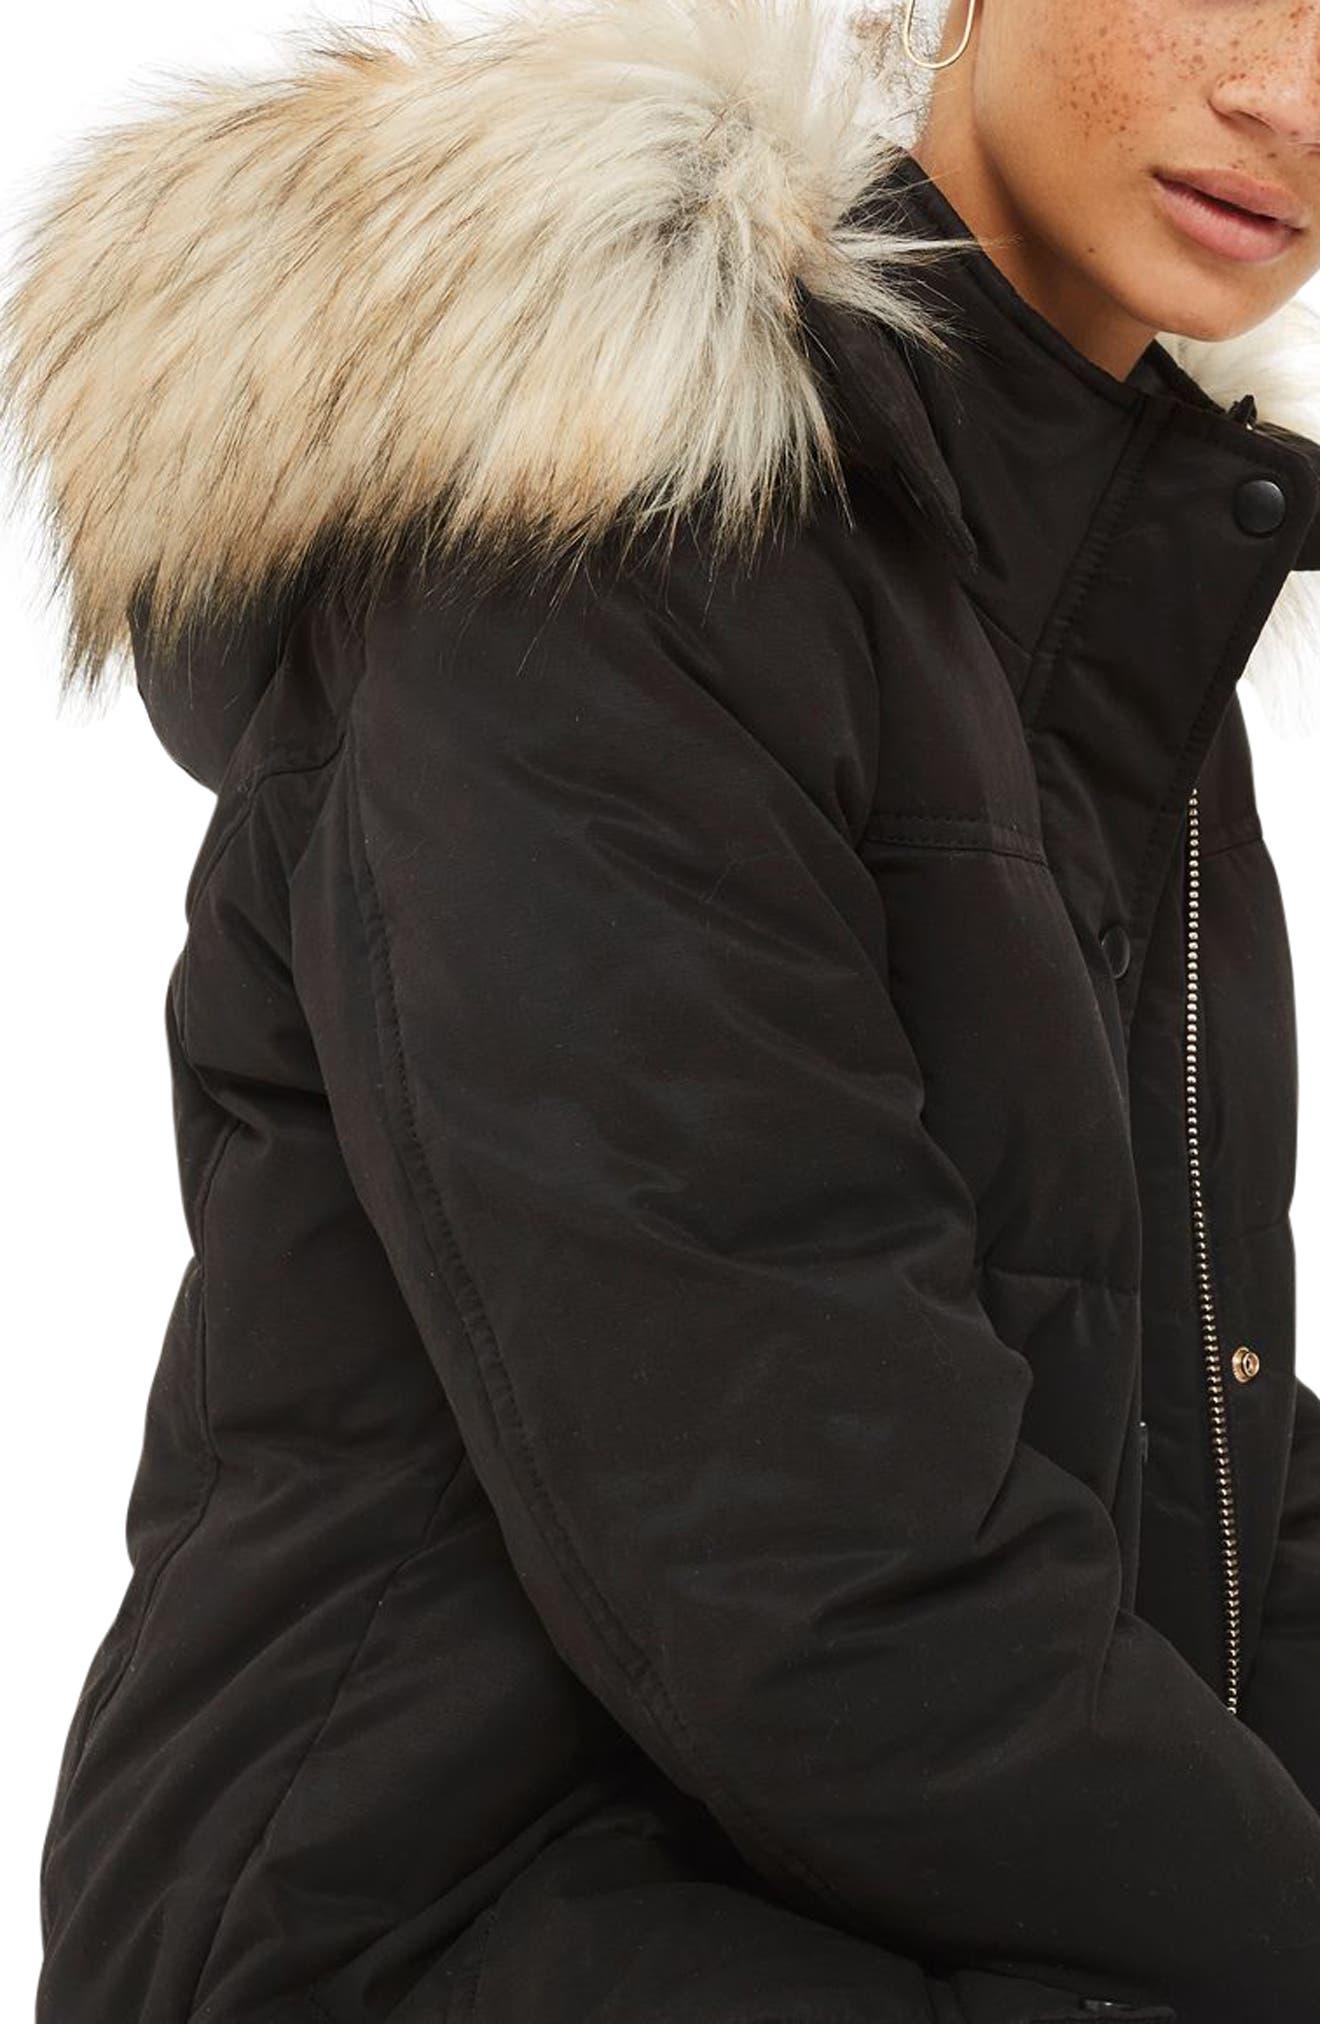 Jerry Faux Fur Trim Puffer Jacket,                             Alternate thumbnail 3, color,                             001